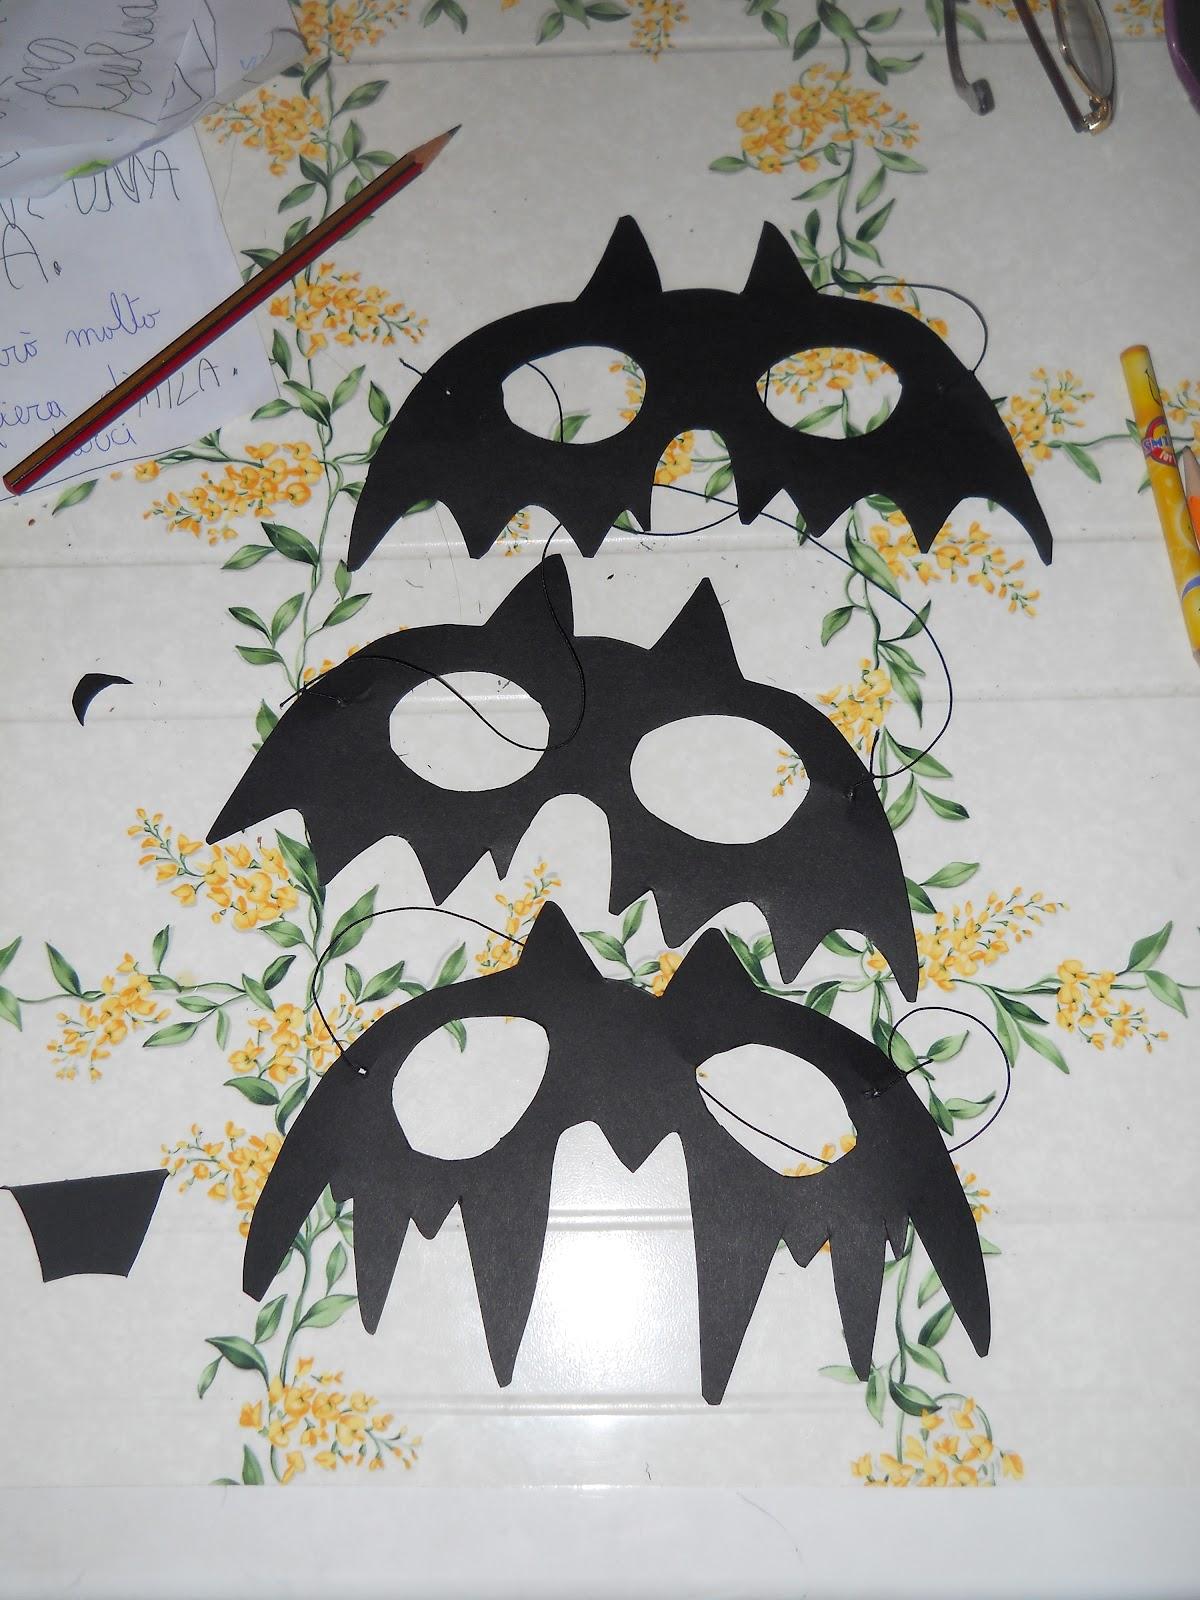 Ricette bricolage la maschera da pipistrello fai da te for Fai da te bricolage